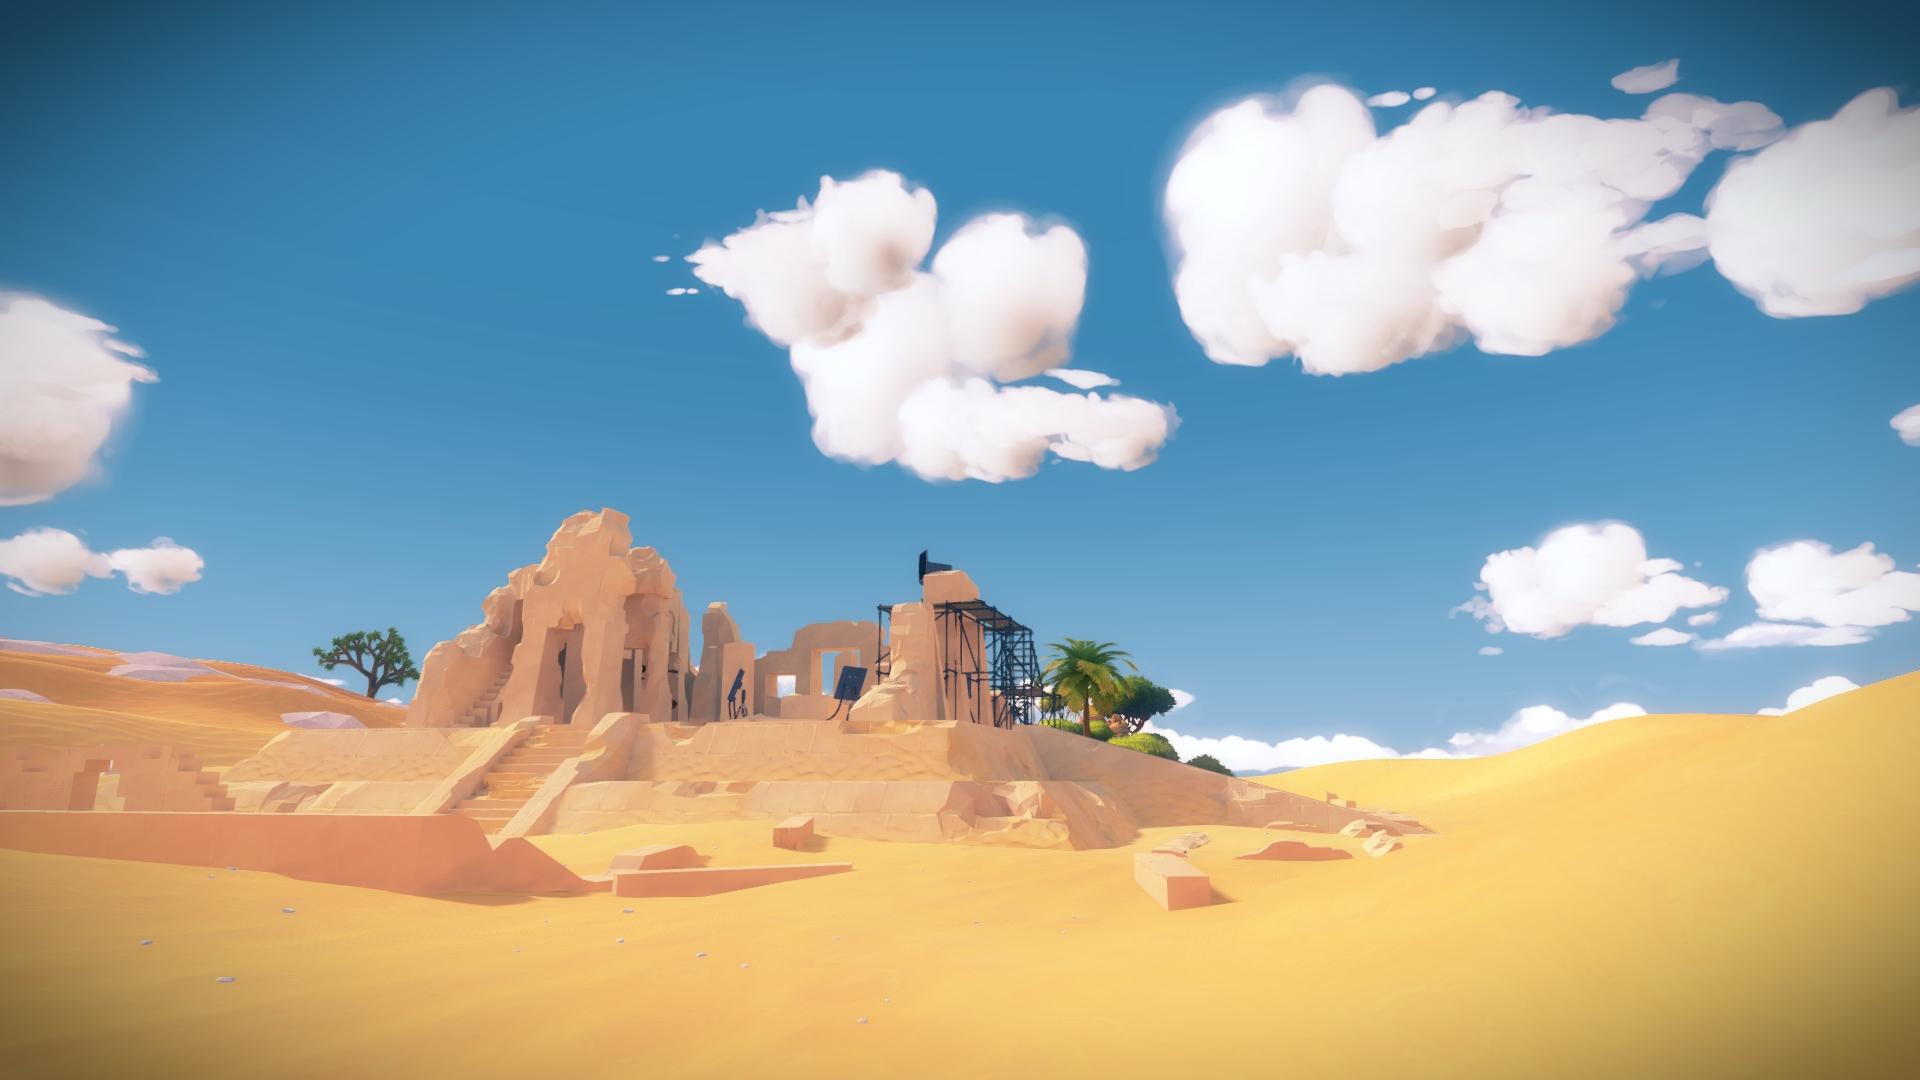 با اینکه در نقشهی بازی به جز شخصیت تحت کنترل ما جنبندهی دیگری حضور ندارد ولی محیطهای بازی به شکل شگفت انگیزی زنده و پر از زندگی هستند.